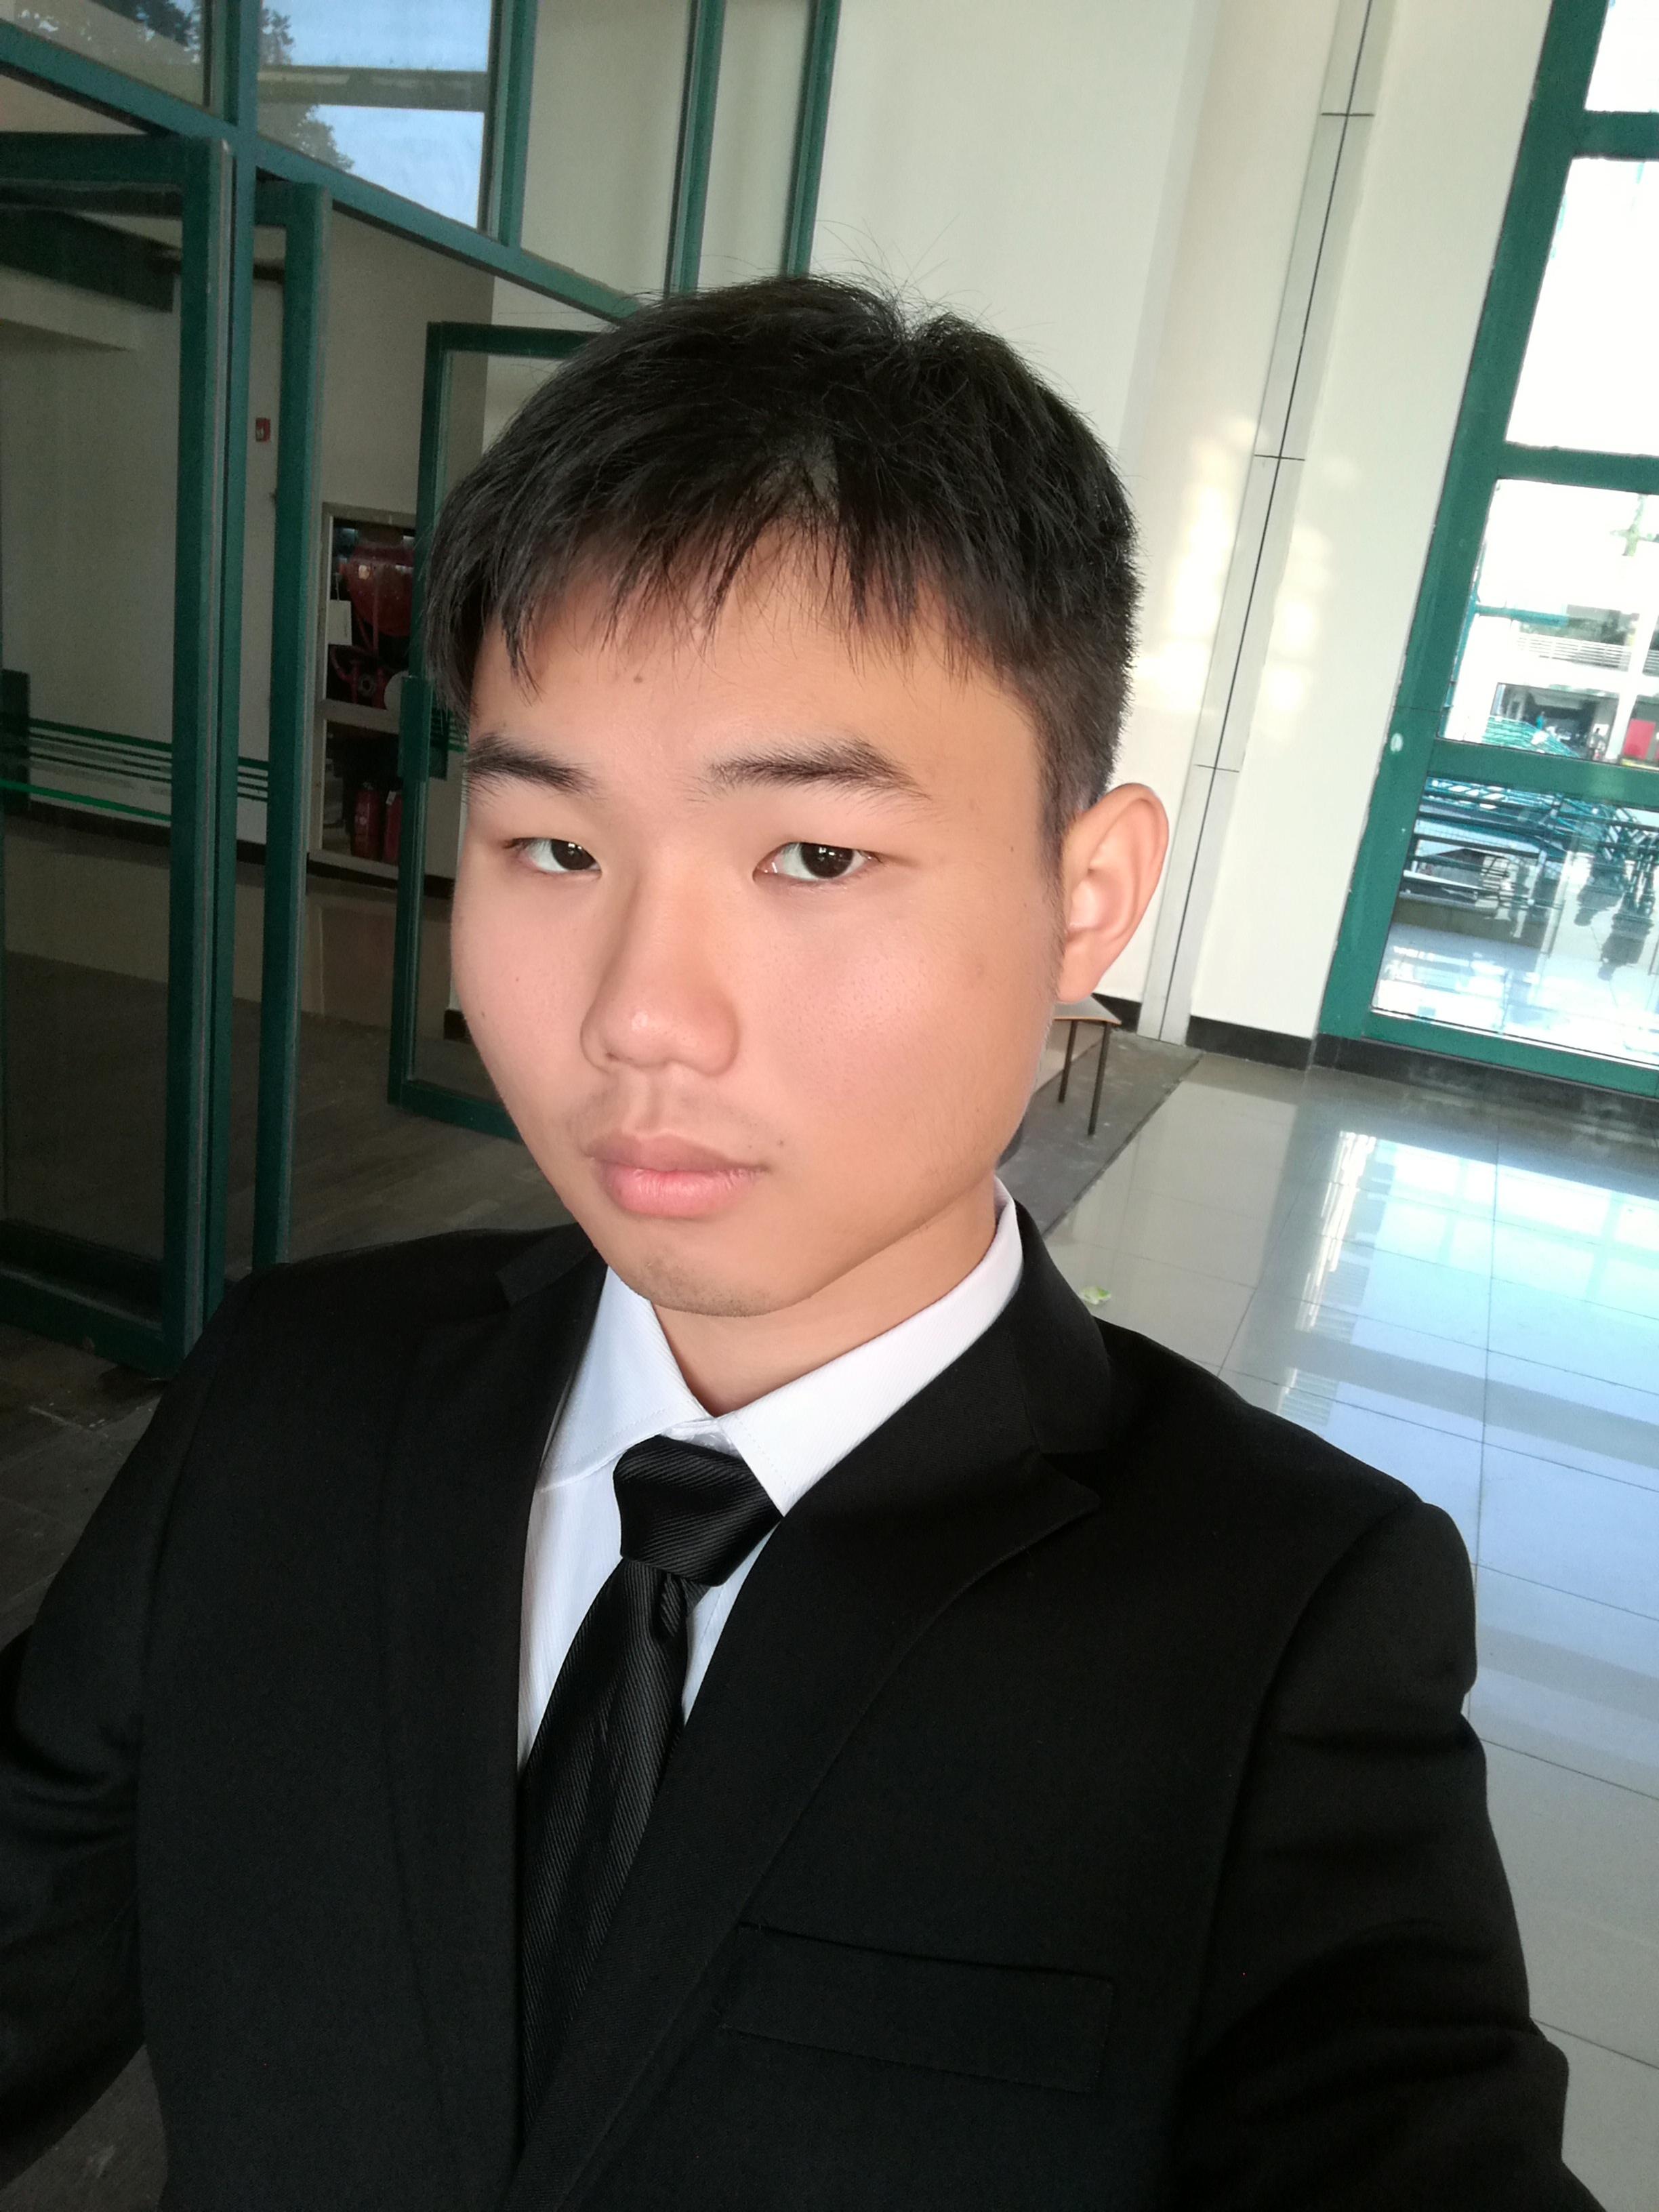 杭州家教卫教员